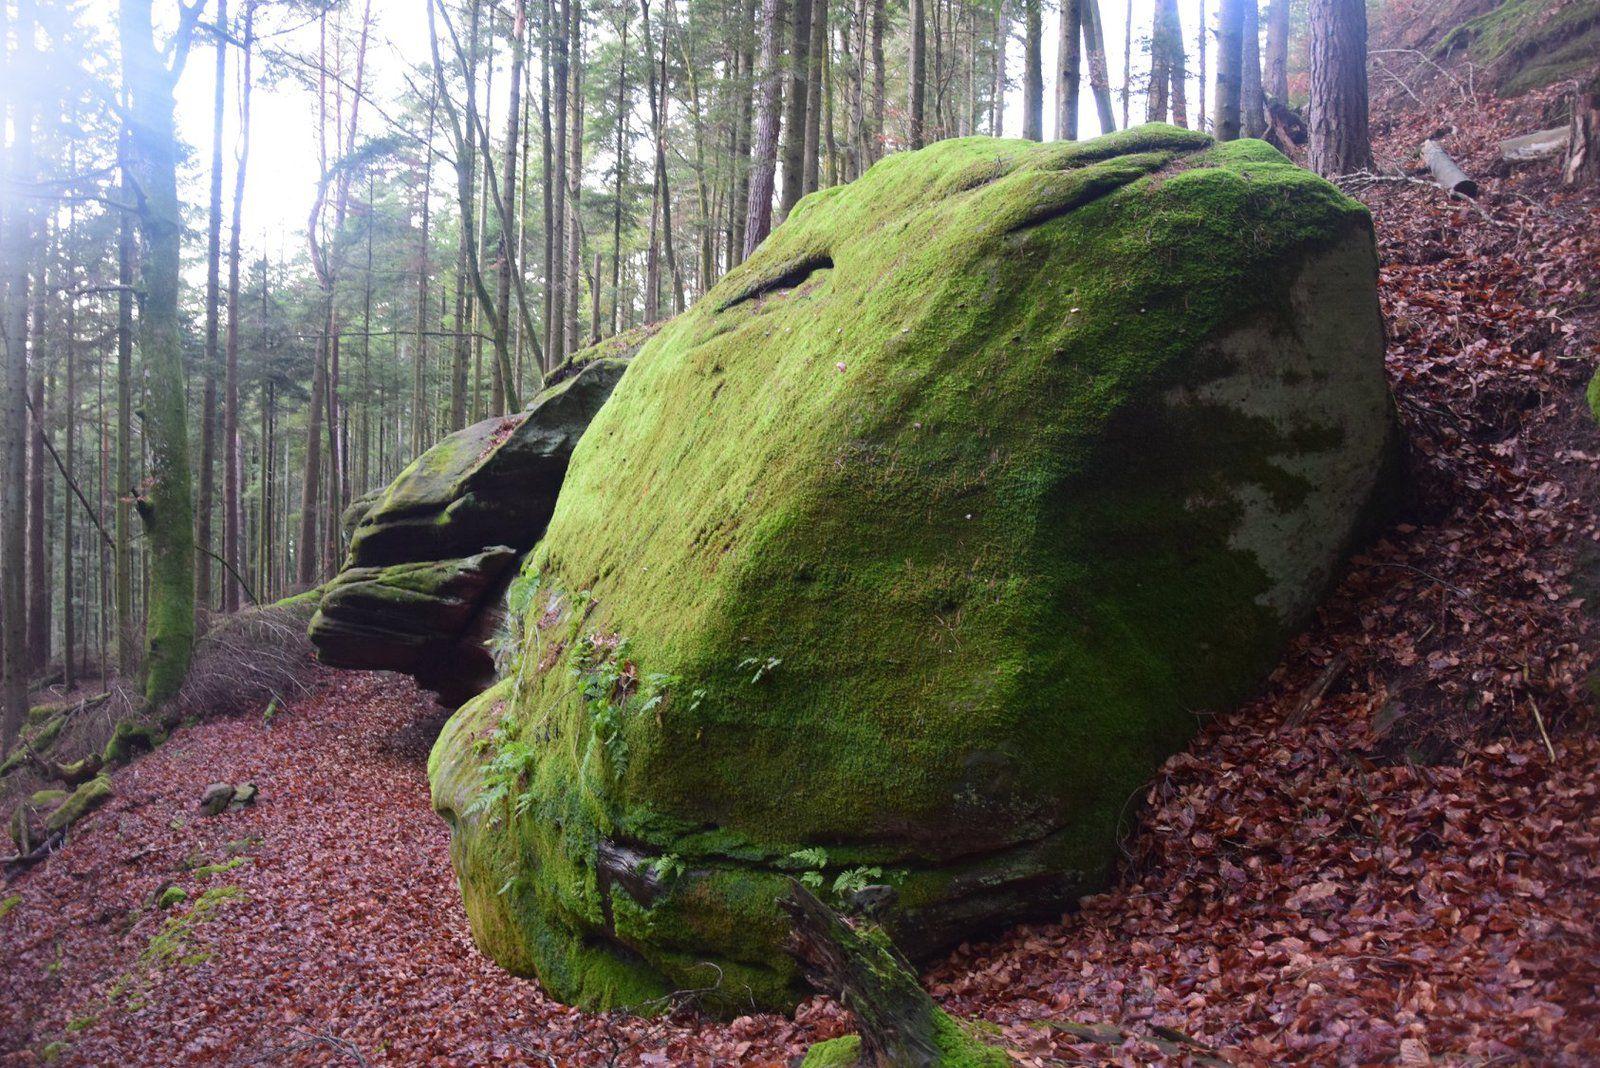 Un rocher moussu en bout de ligne de coupe